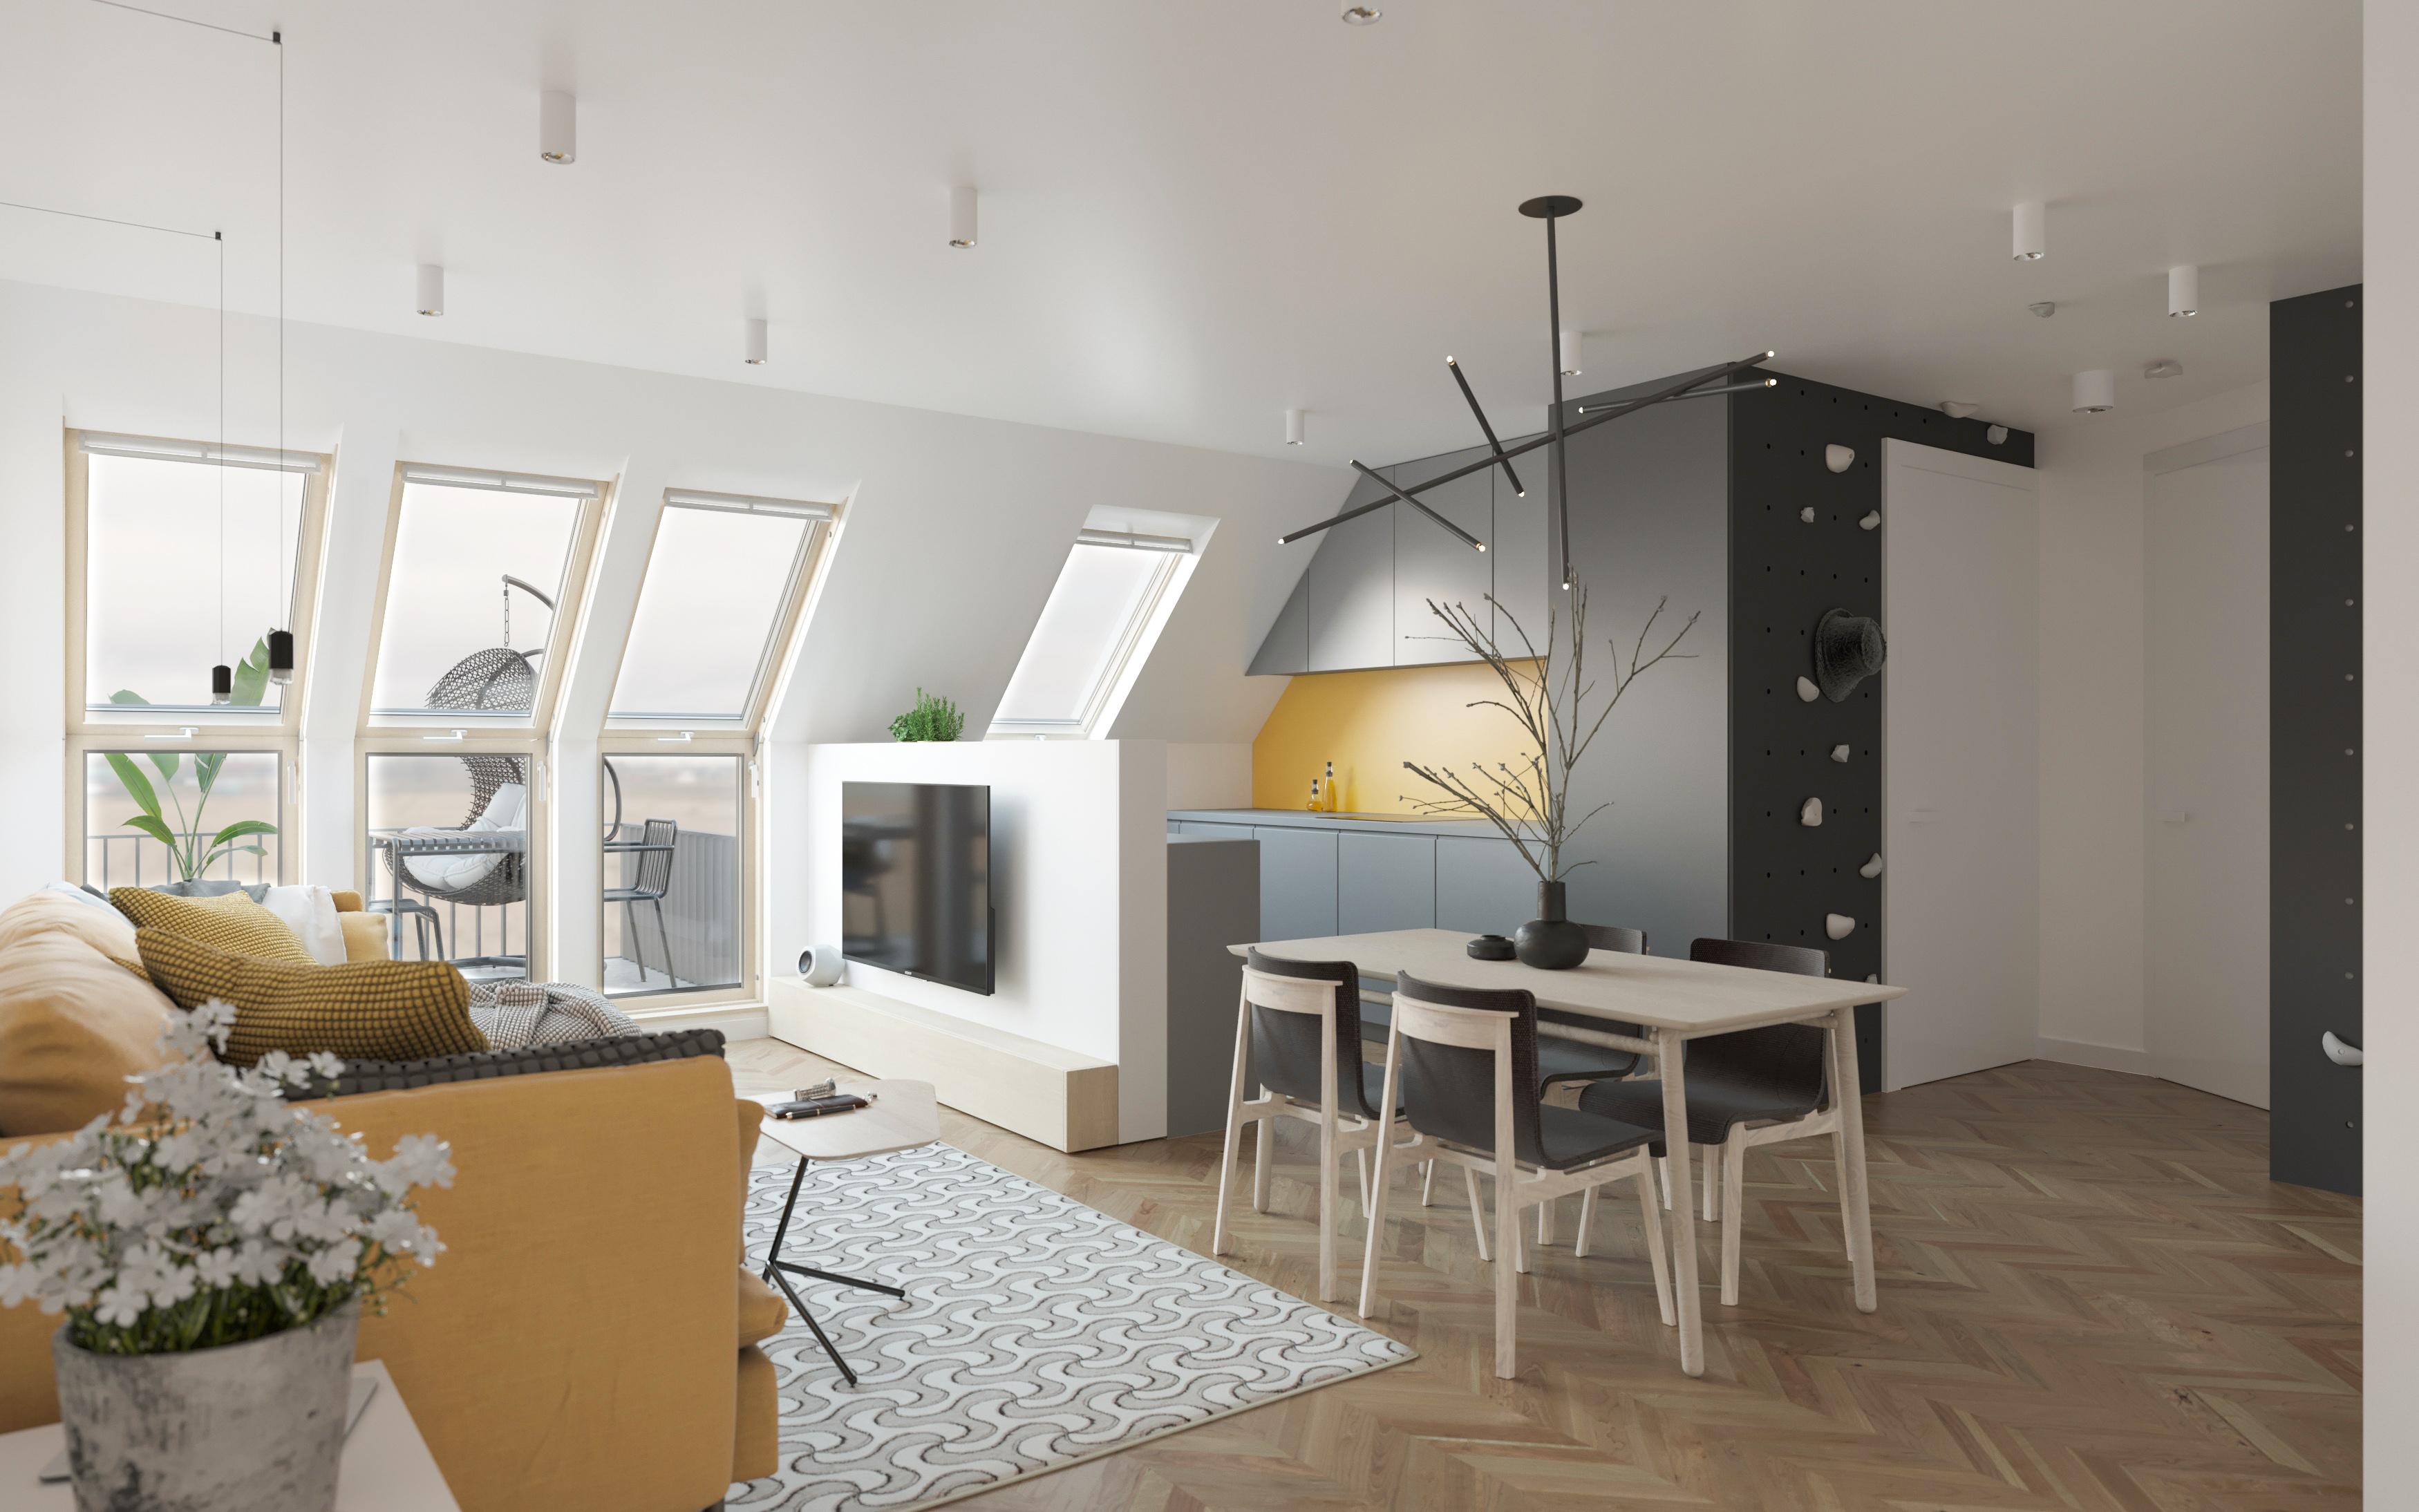 Wizualizacja wnętrz apartament światło okna VELUX 3